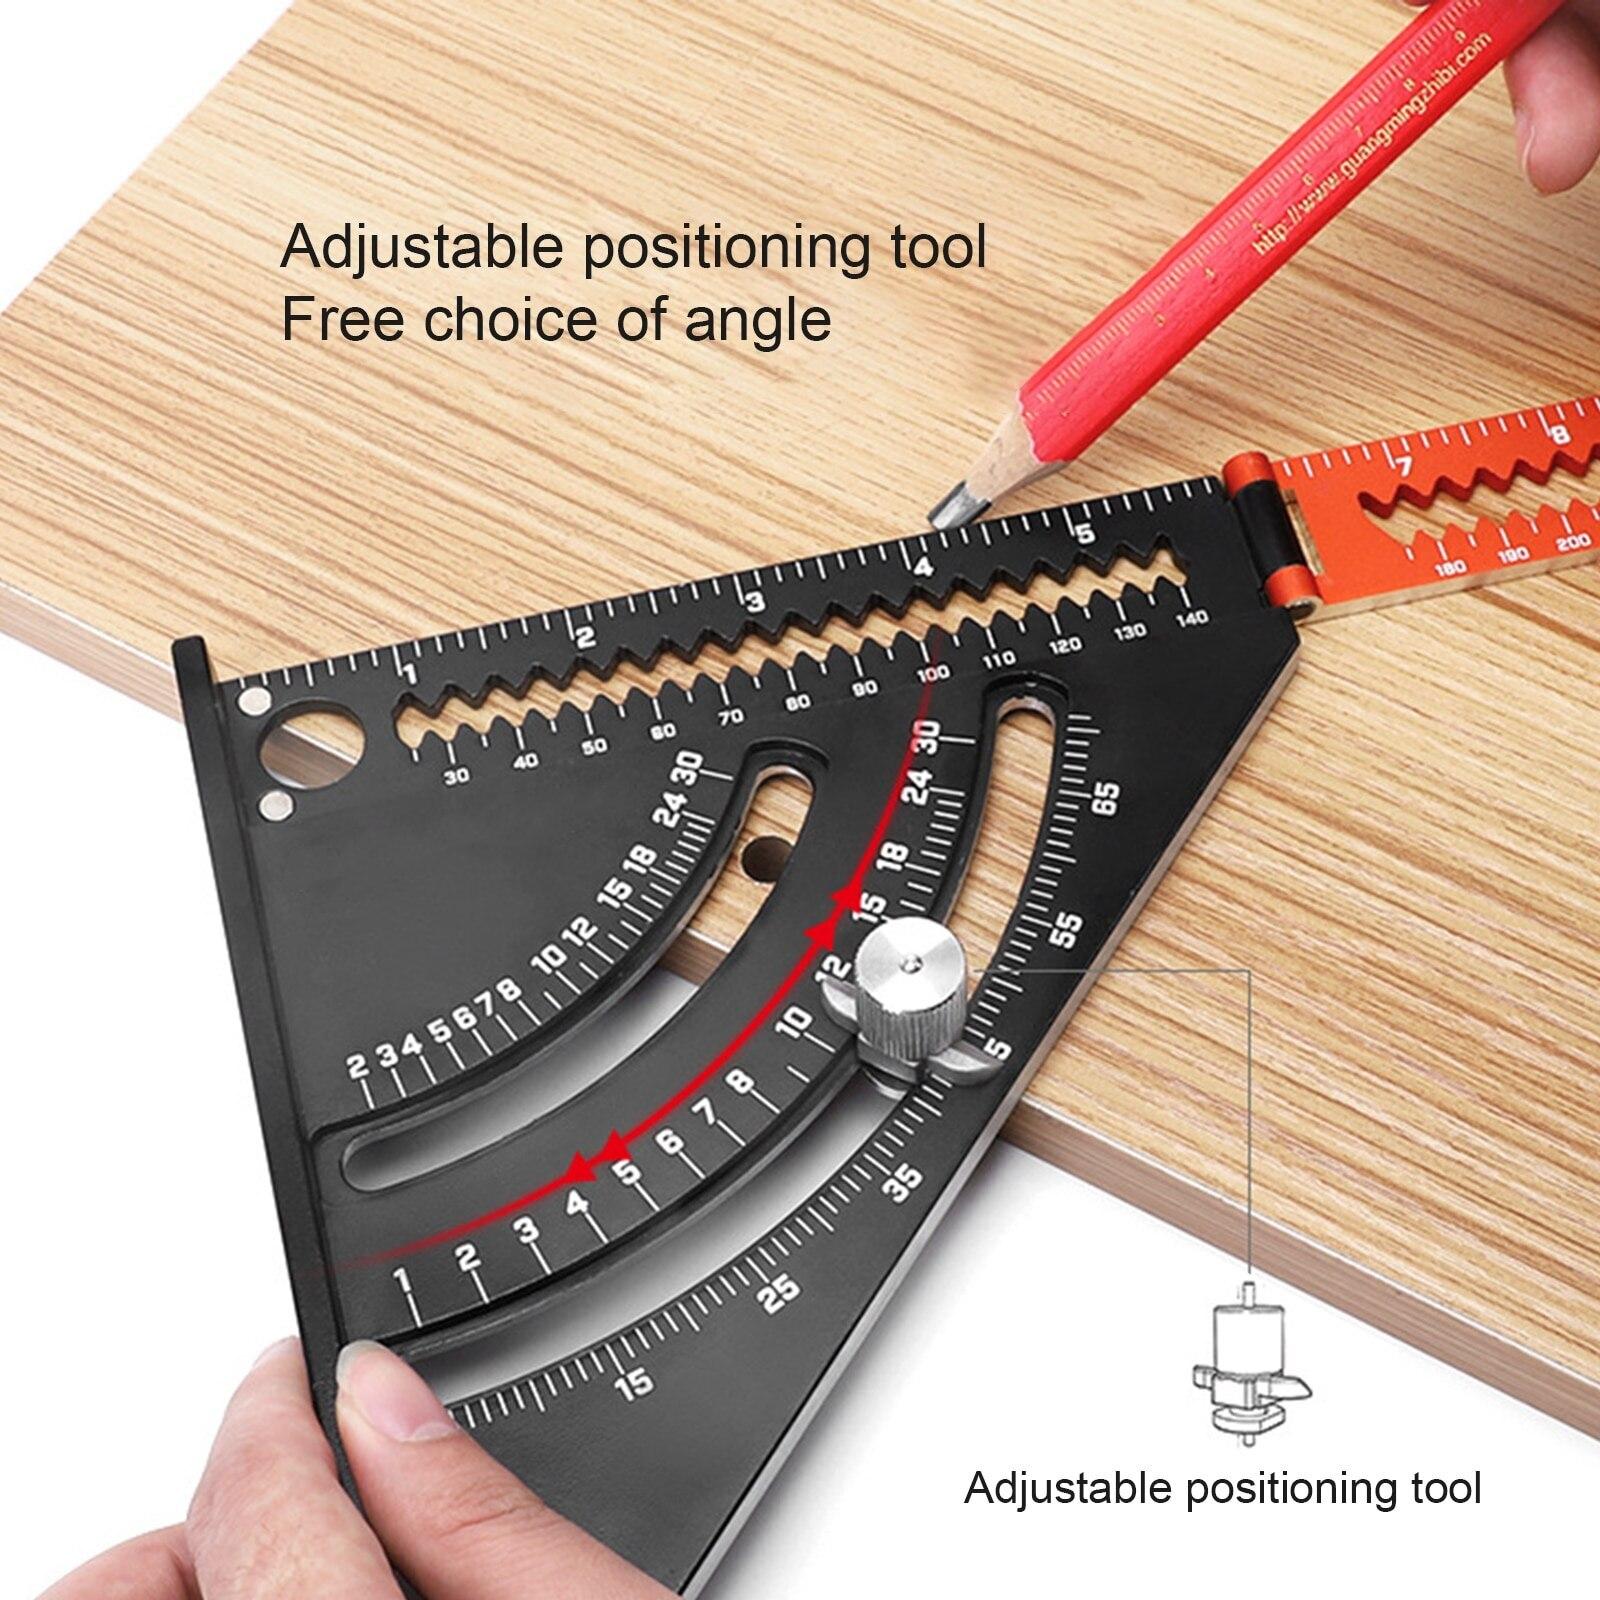 Regla de cuadrados triangulares plegables, herramienta de carpintería de ángulo de posicionamiento, aleación de aluminio, diseño extensible 2 en 1 con goniómetro de Base